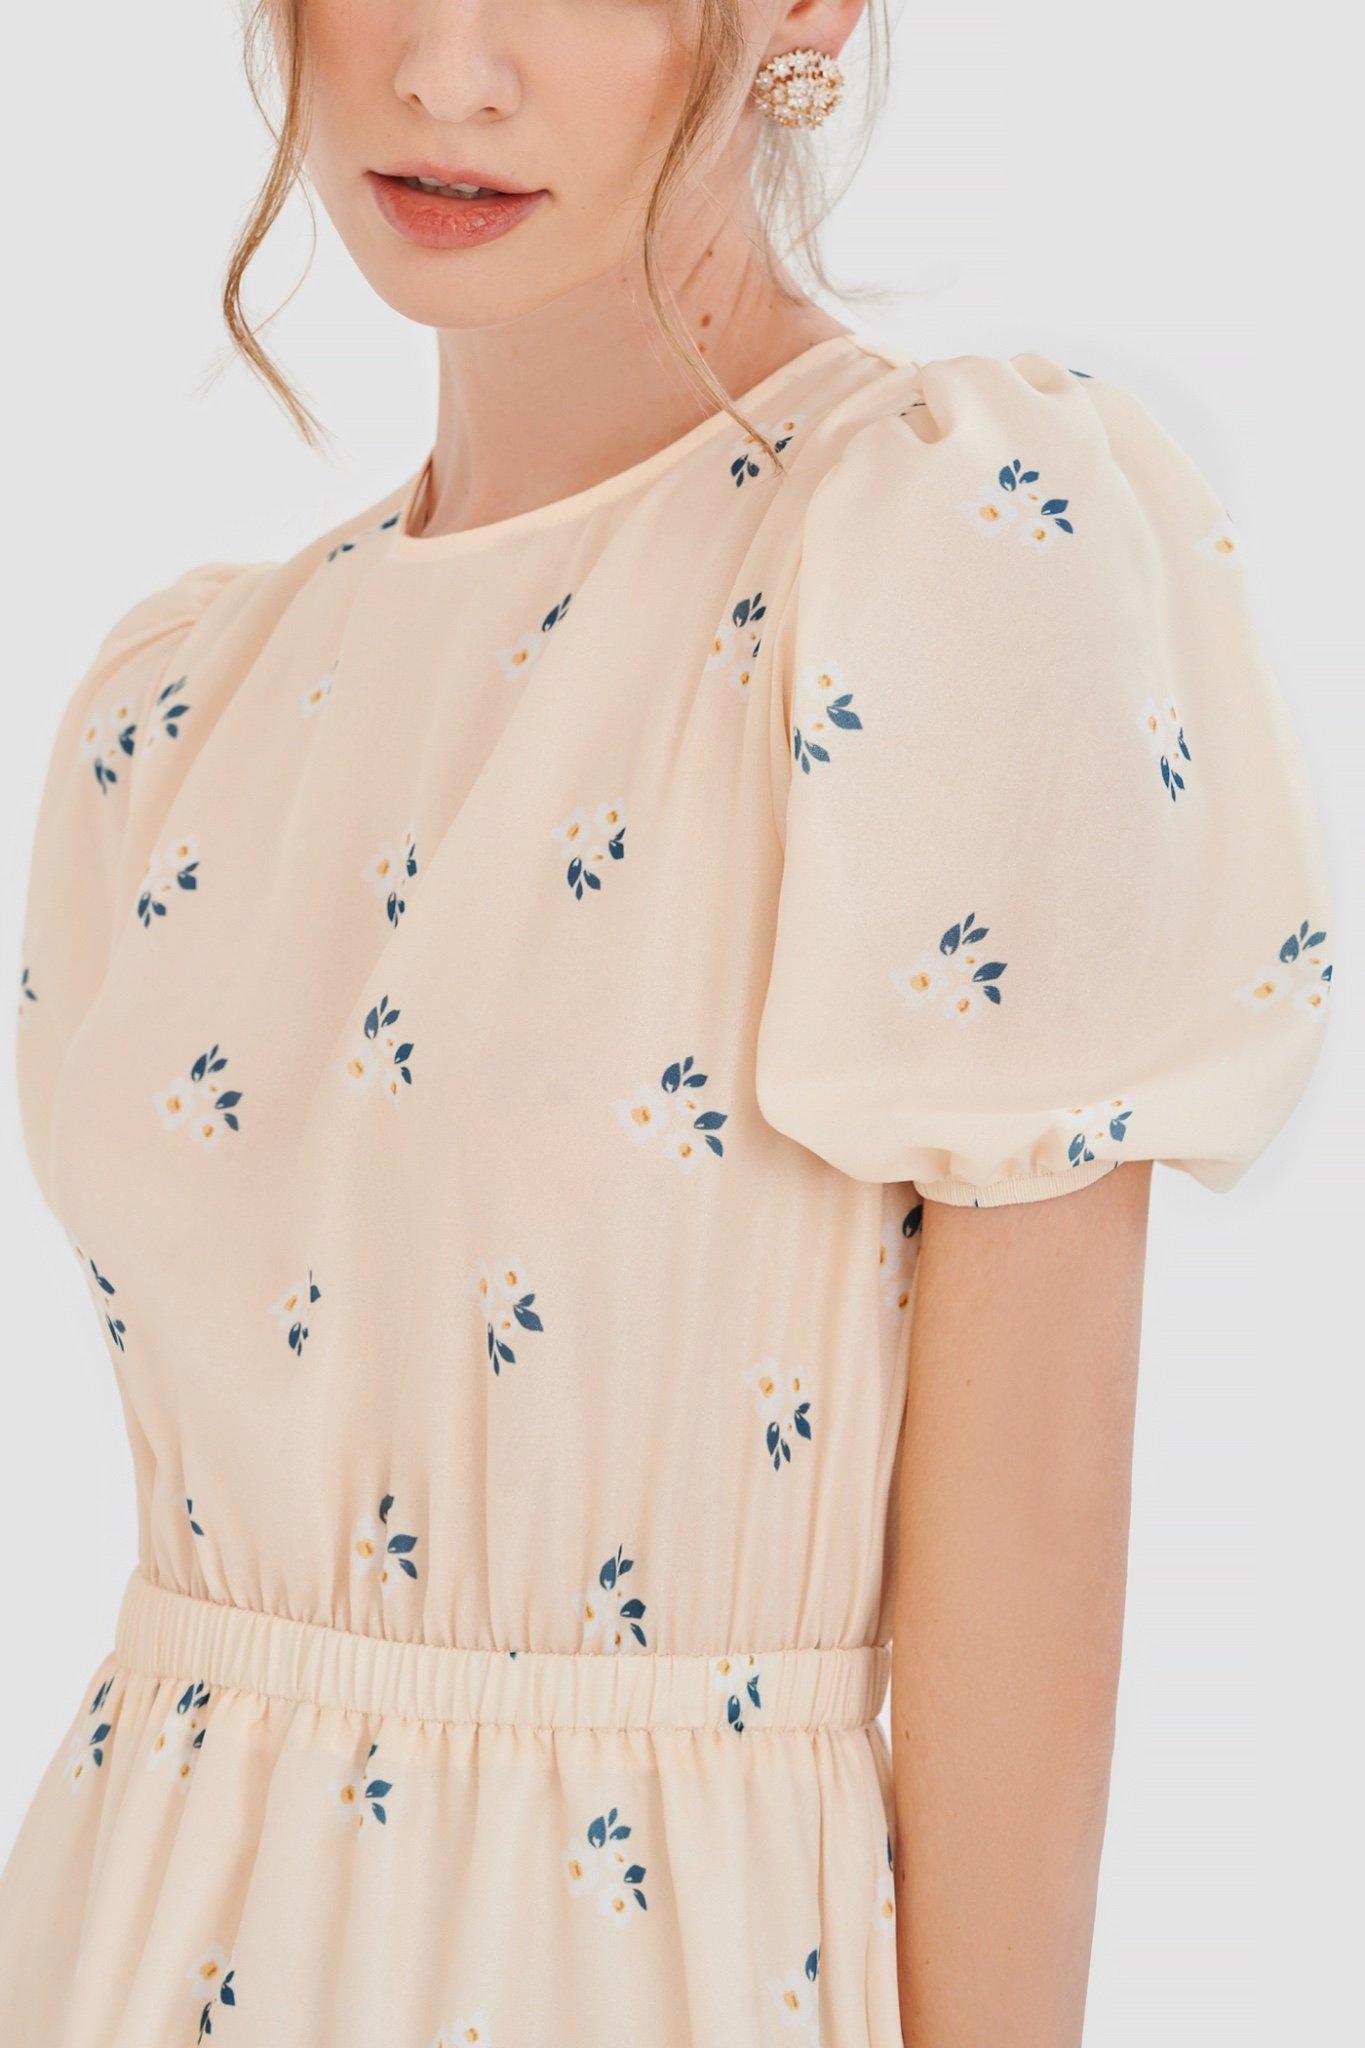 Đầm lưng thun bèo nhỏ hoạ tiết